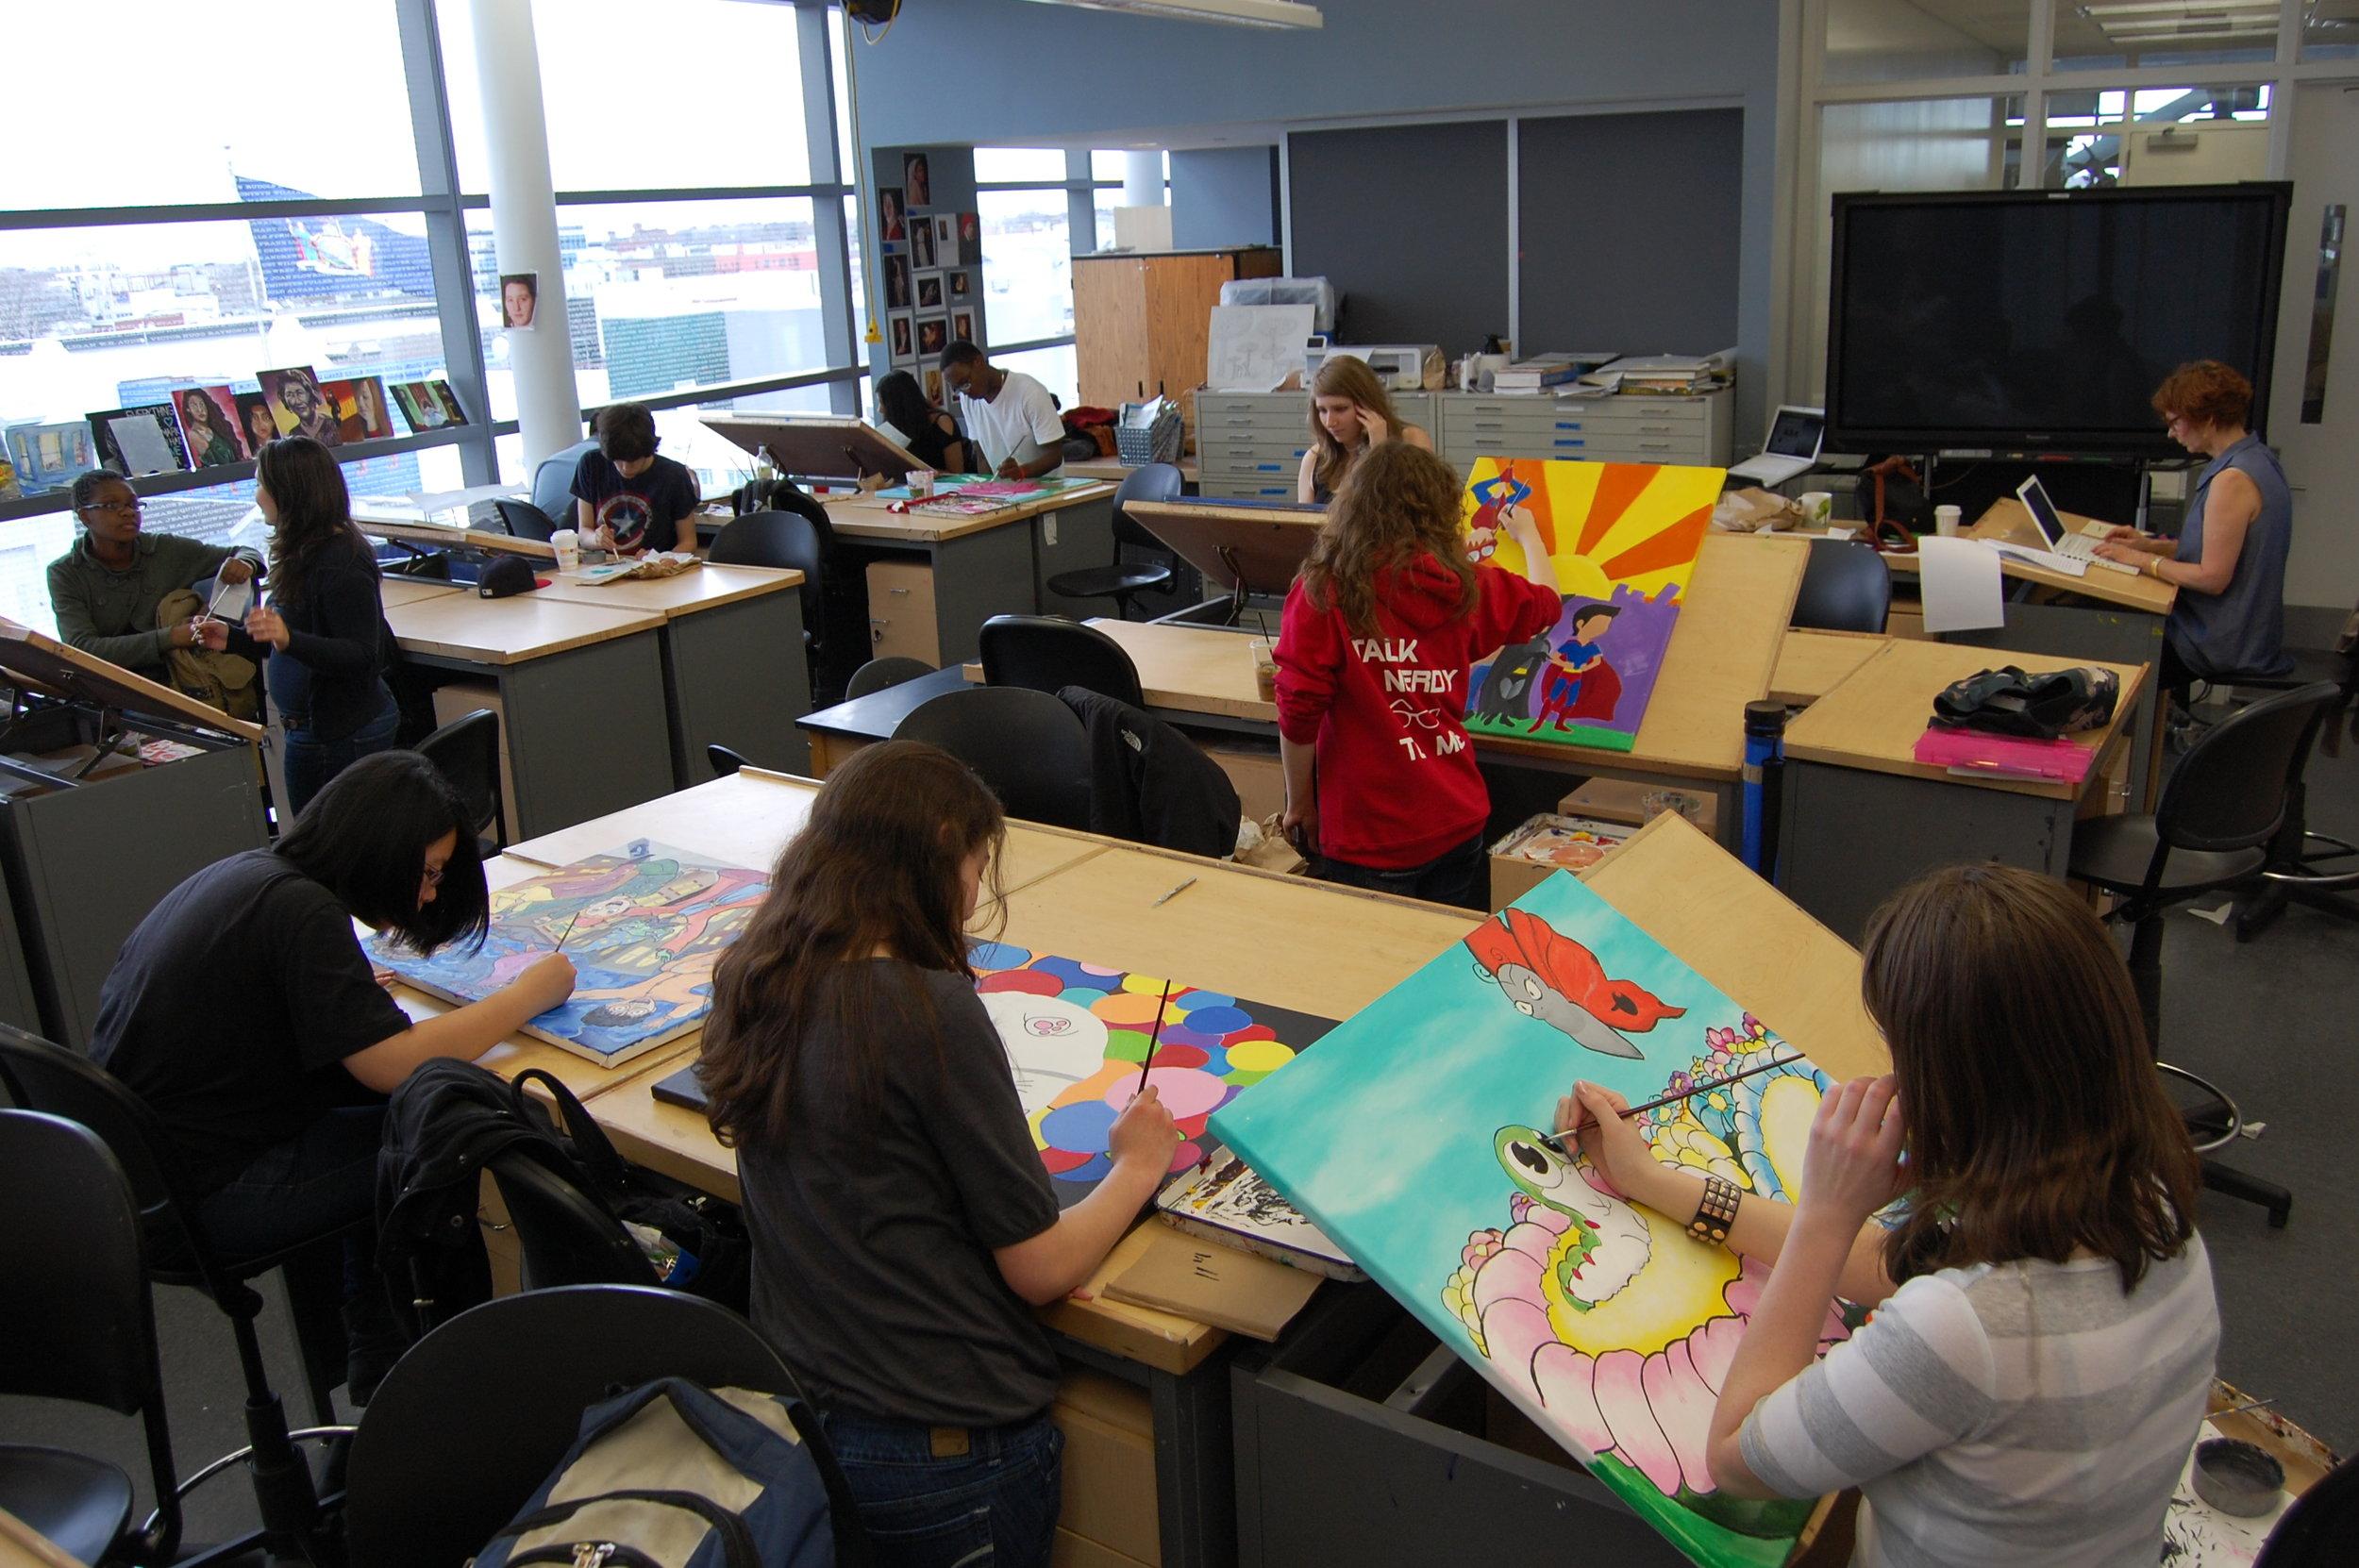 Kids painting2.JPG